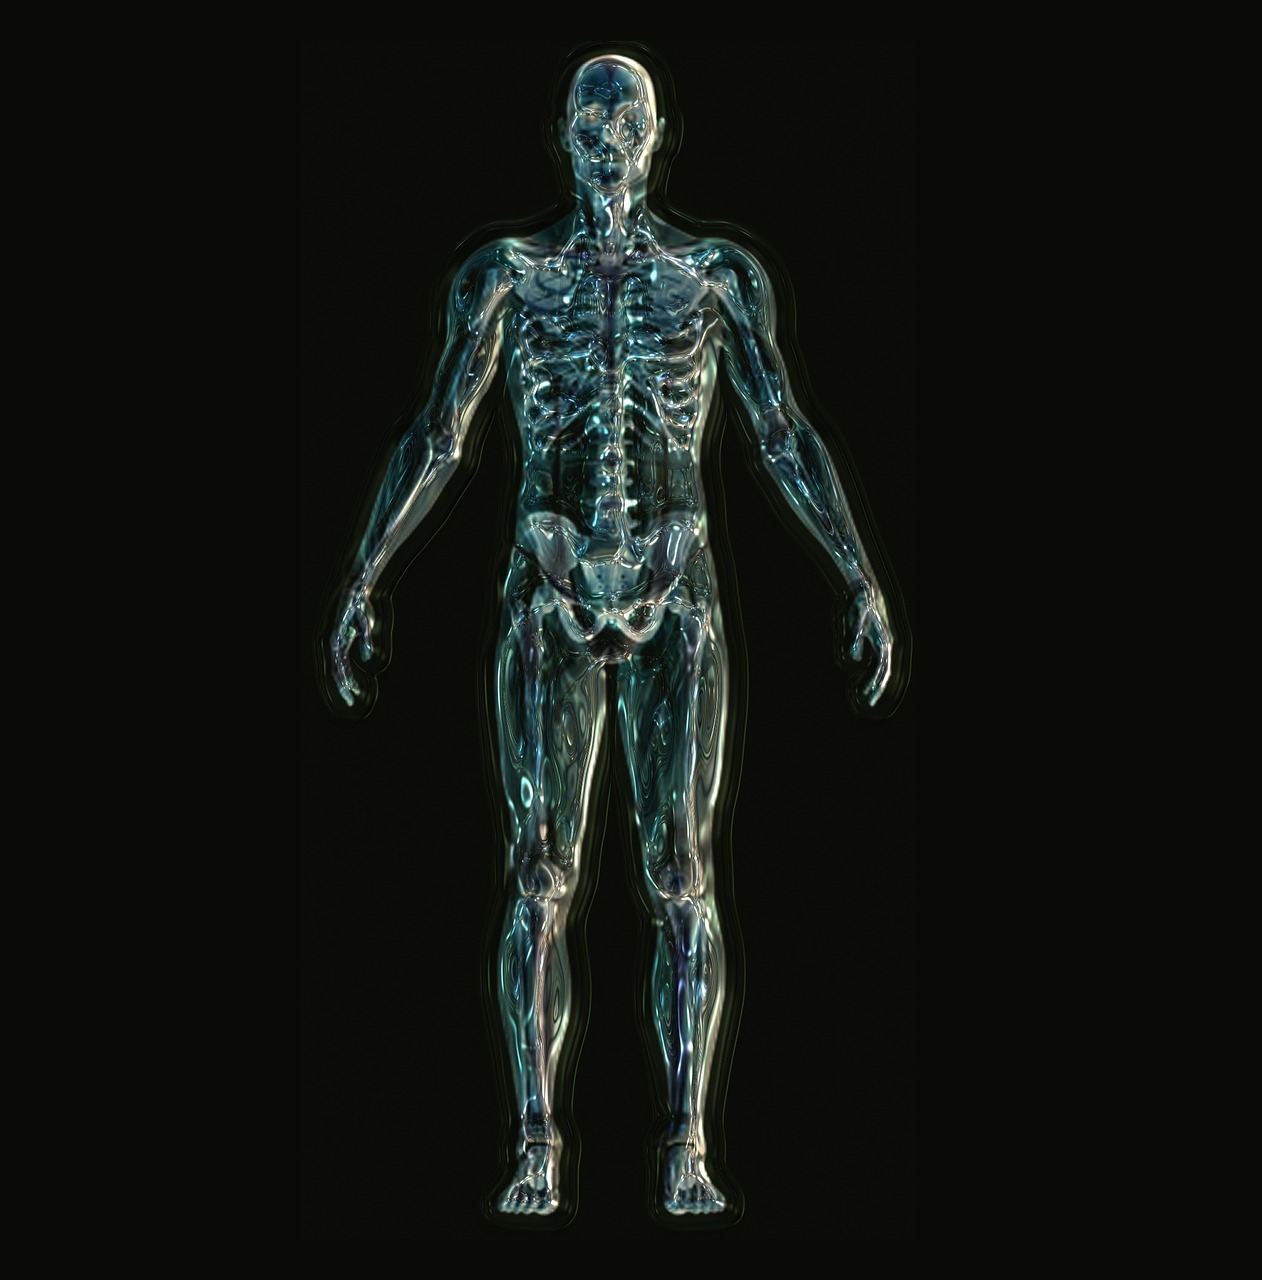 Jak pomóc sobie przy bolącym kręgosłupie? Ćwiczenia zdrowy kręgosłup Białystok. Klinika, gabinet leczenia kręgosłupa Poznań